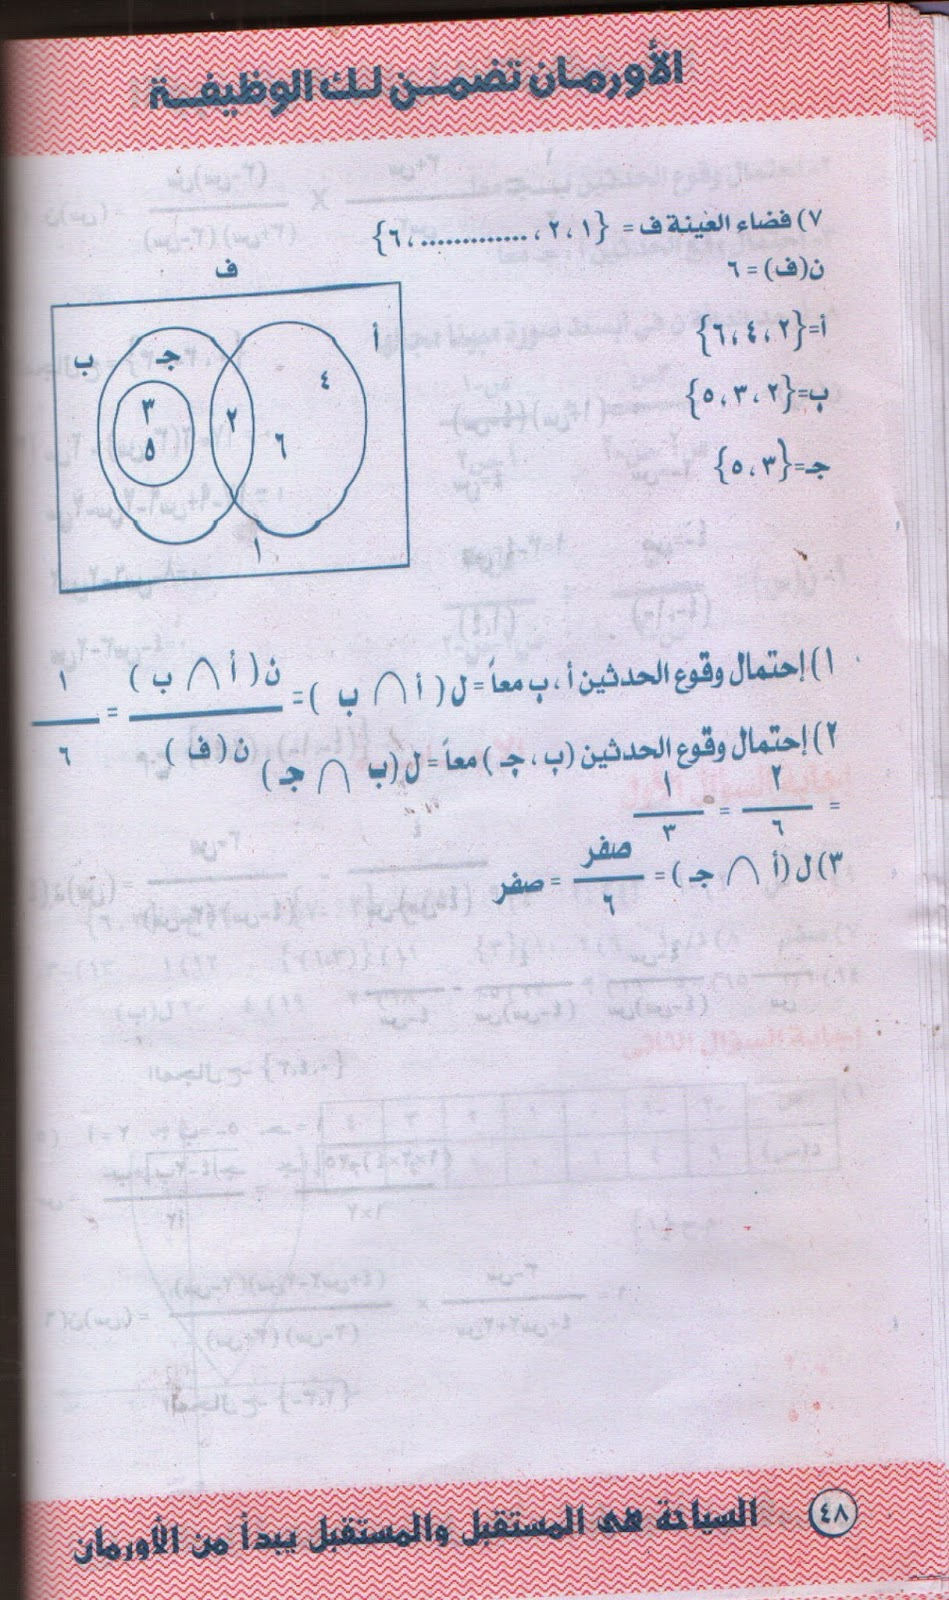 مراجعة  رياضيات ترم 2 الثالث الإعدادى 5.jpg